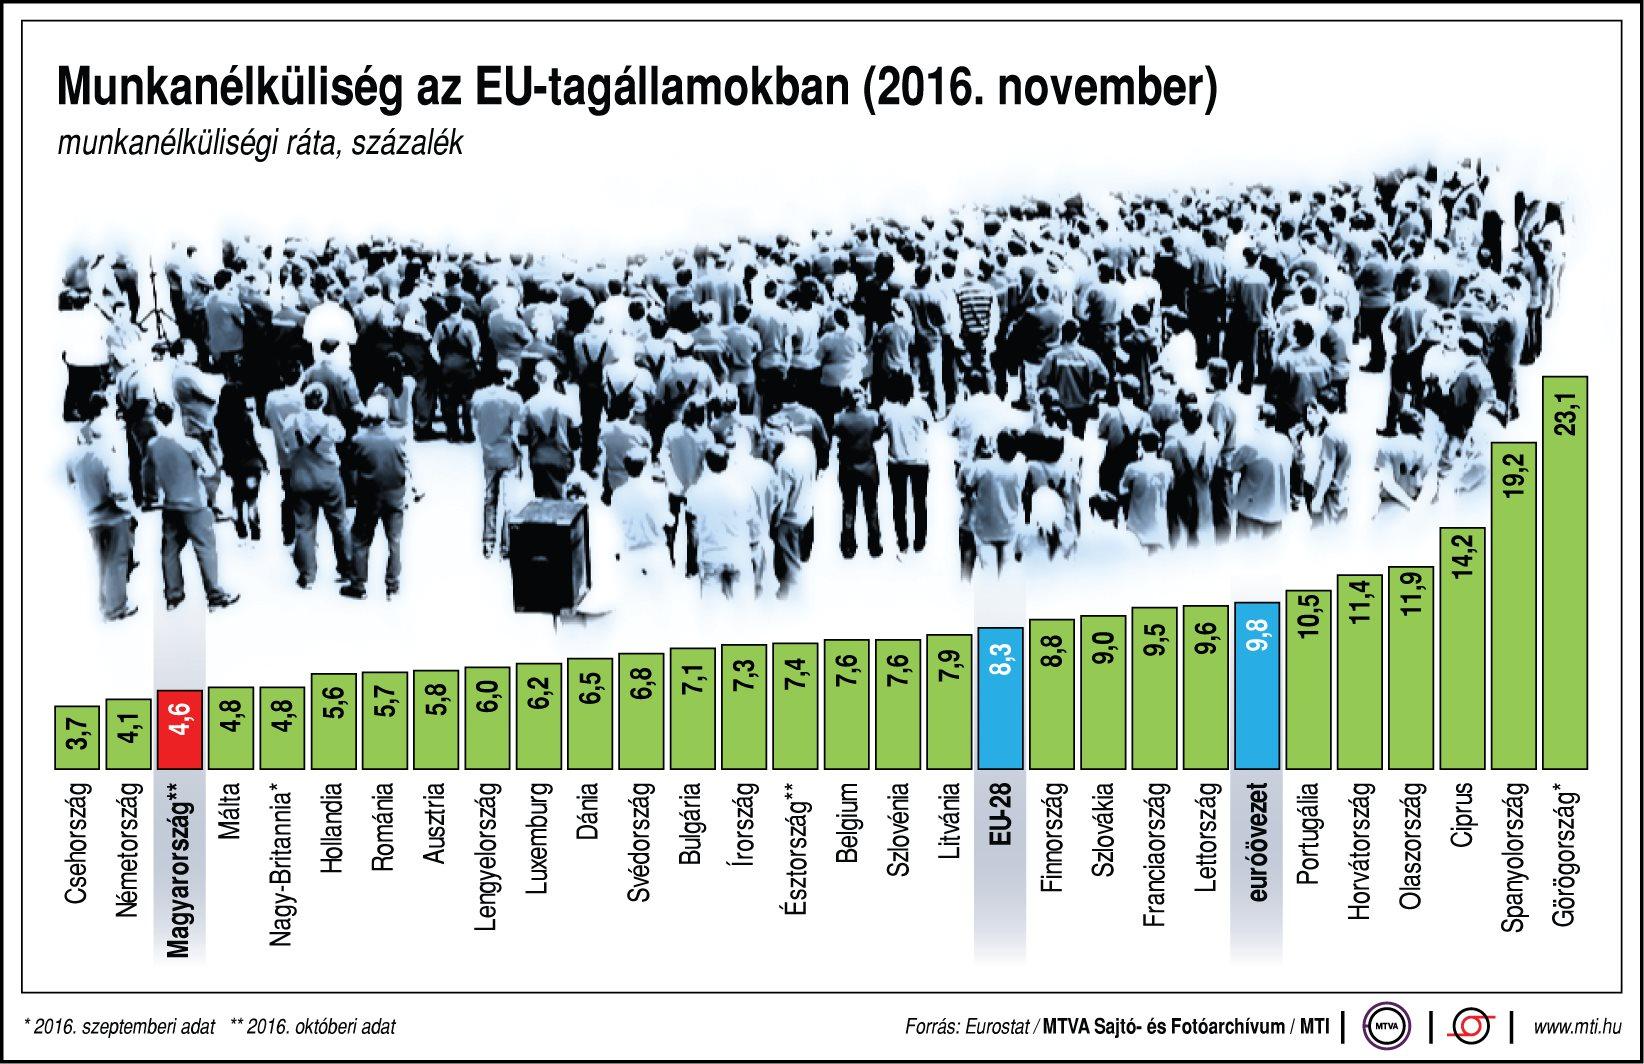 Munkanélküliség az EU-tagállamokban - ábra